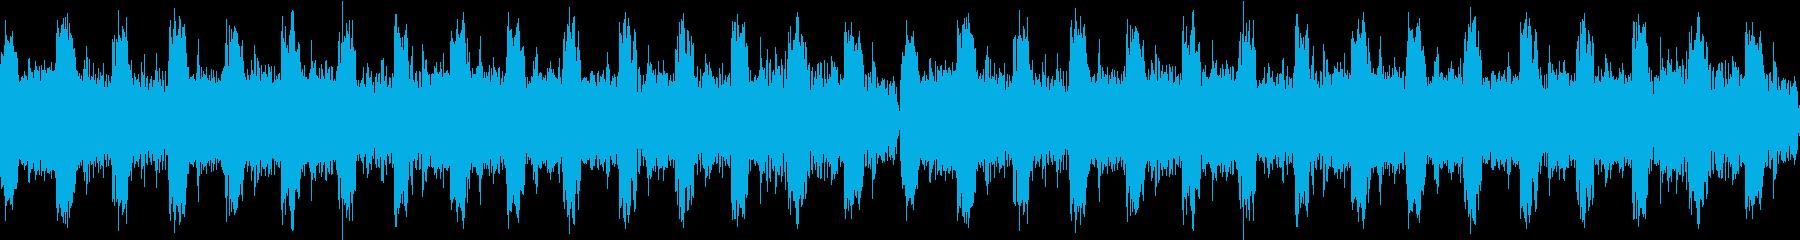 爽やかなシンプルで短いEDMサウンドの再生済みの波形